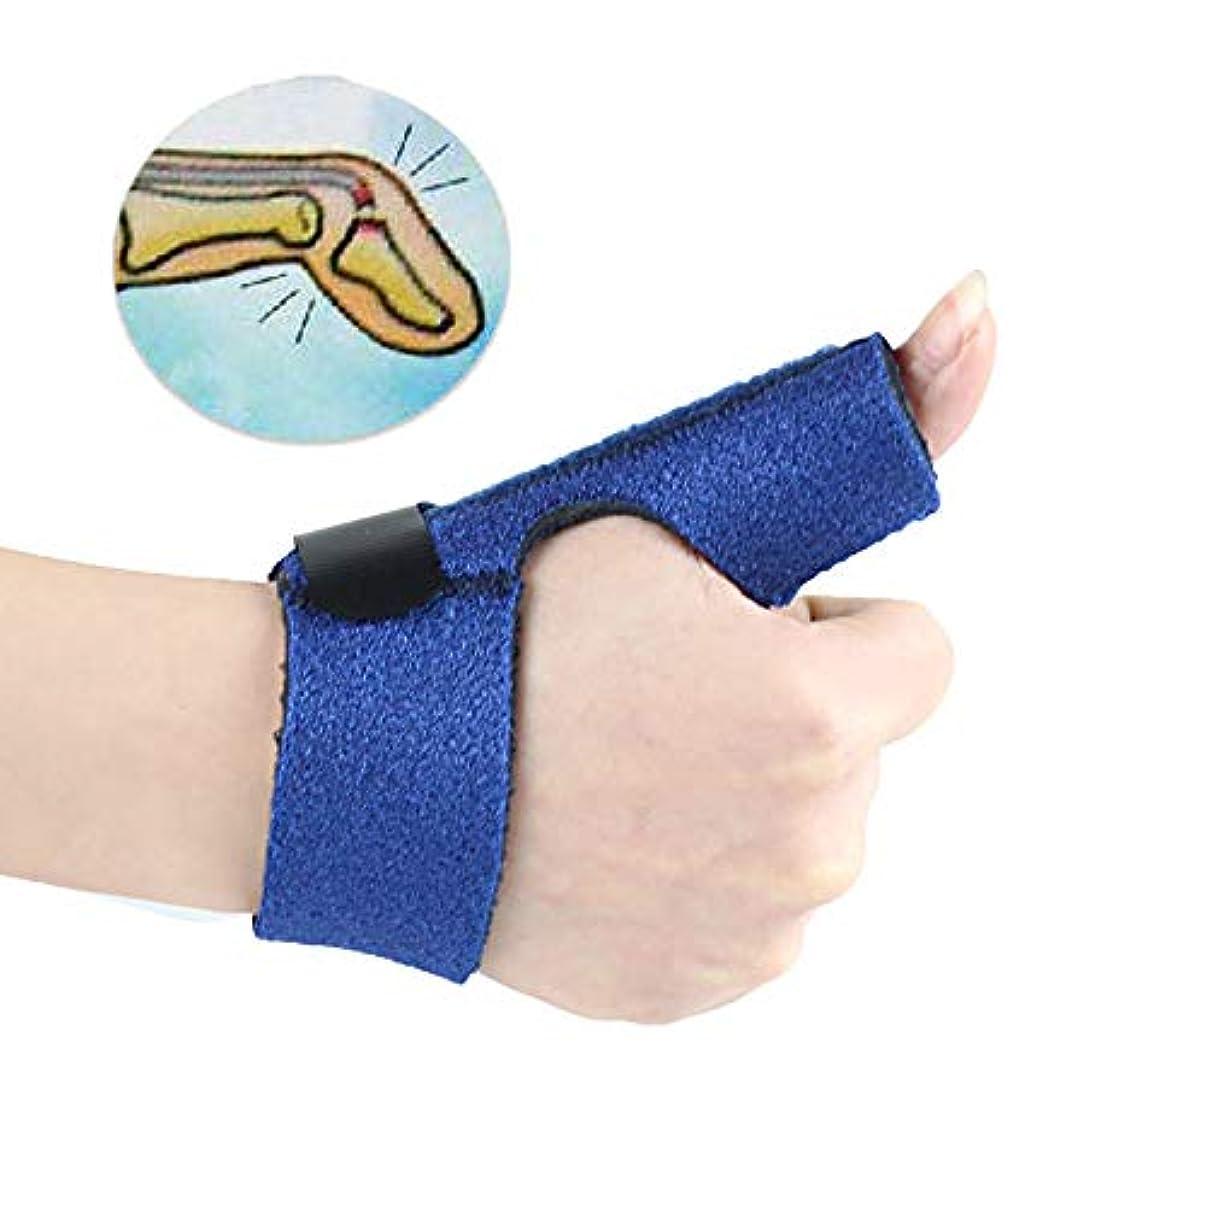 残り細部省トリガーフィンガースプリント調整可能なプロテクターフィンガーサポートブレーススプリント、指の痛みを軽減するための内蔵アルミニウムサポート